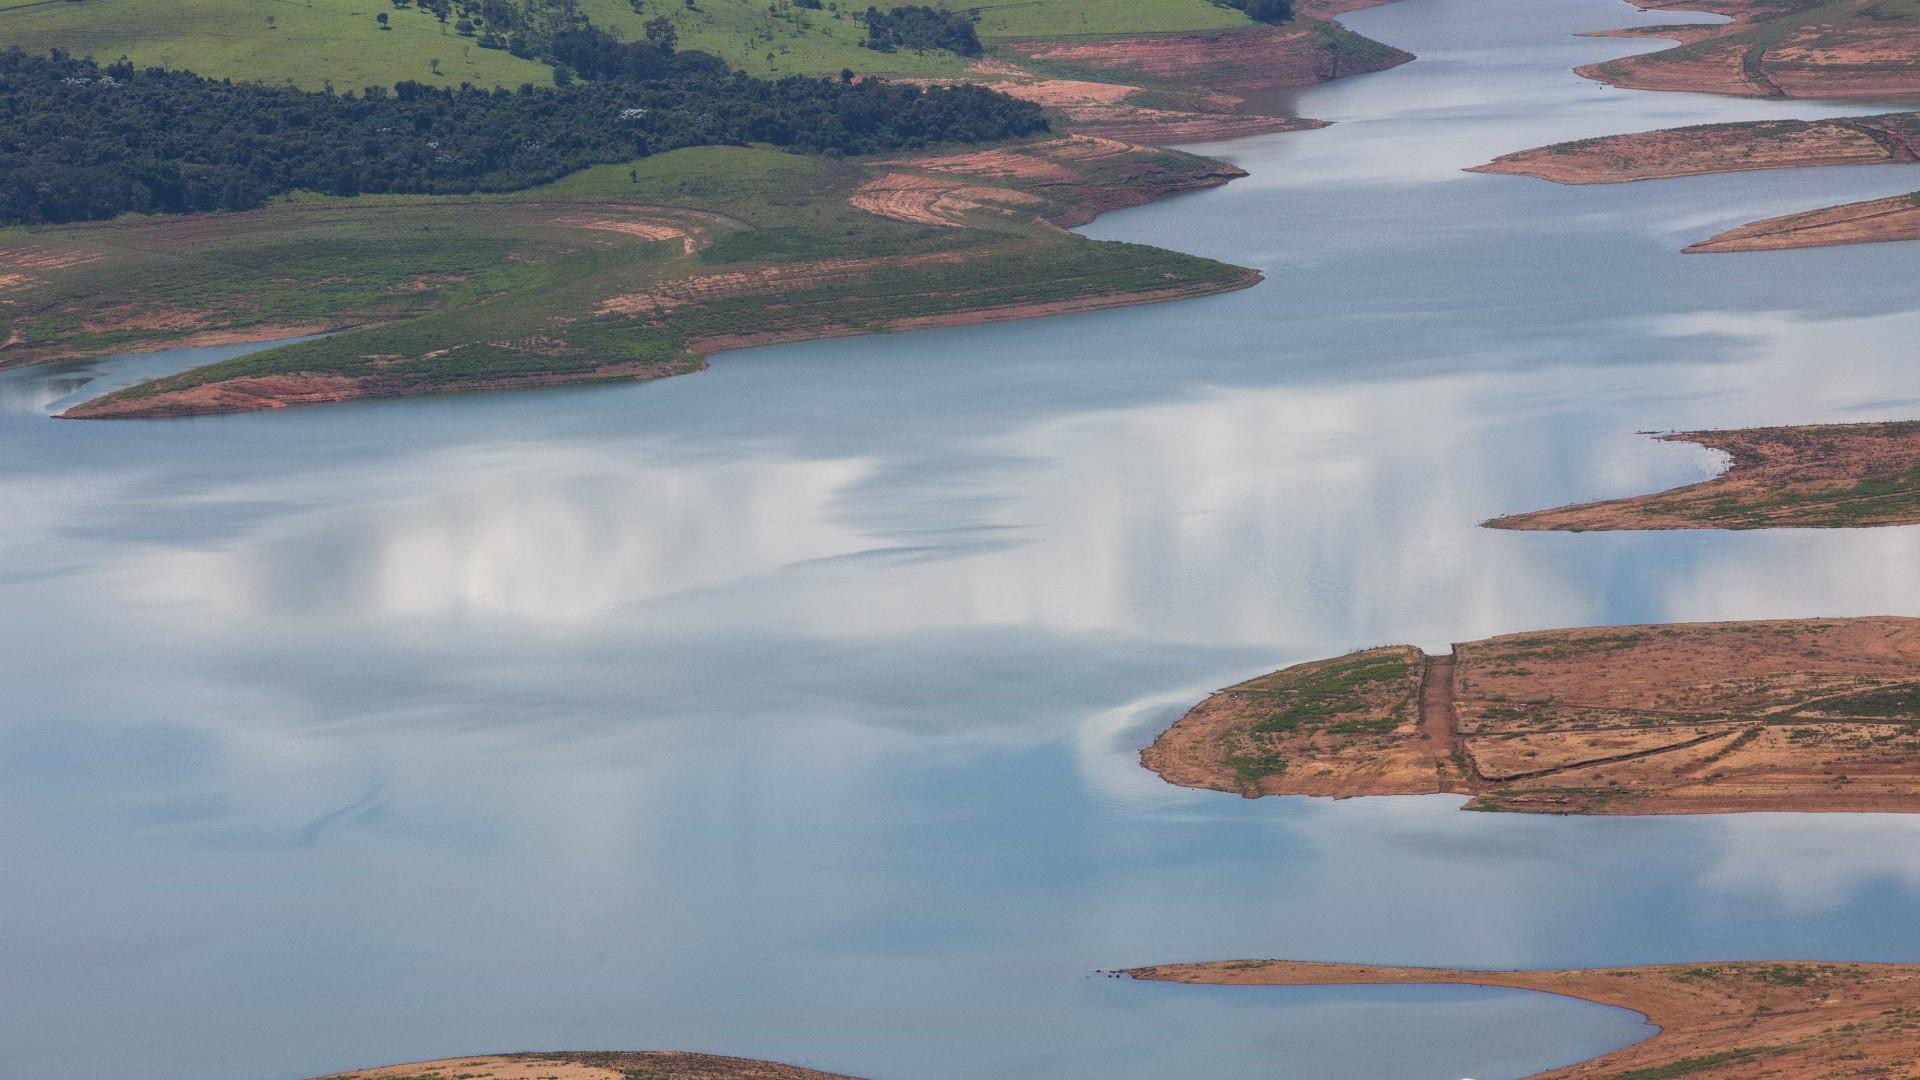 Barragem da Vale em risco de rotura iminente no estado de Minas Gerais